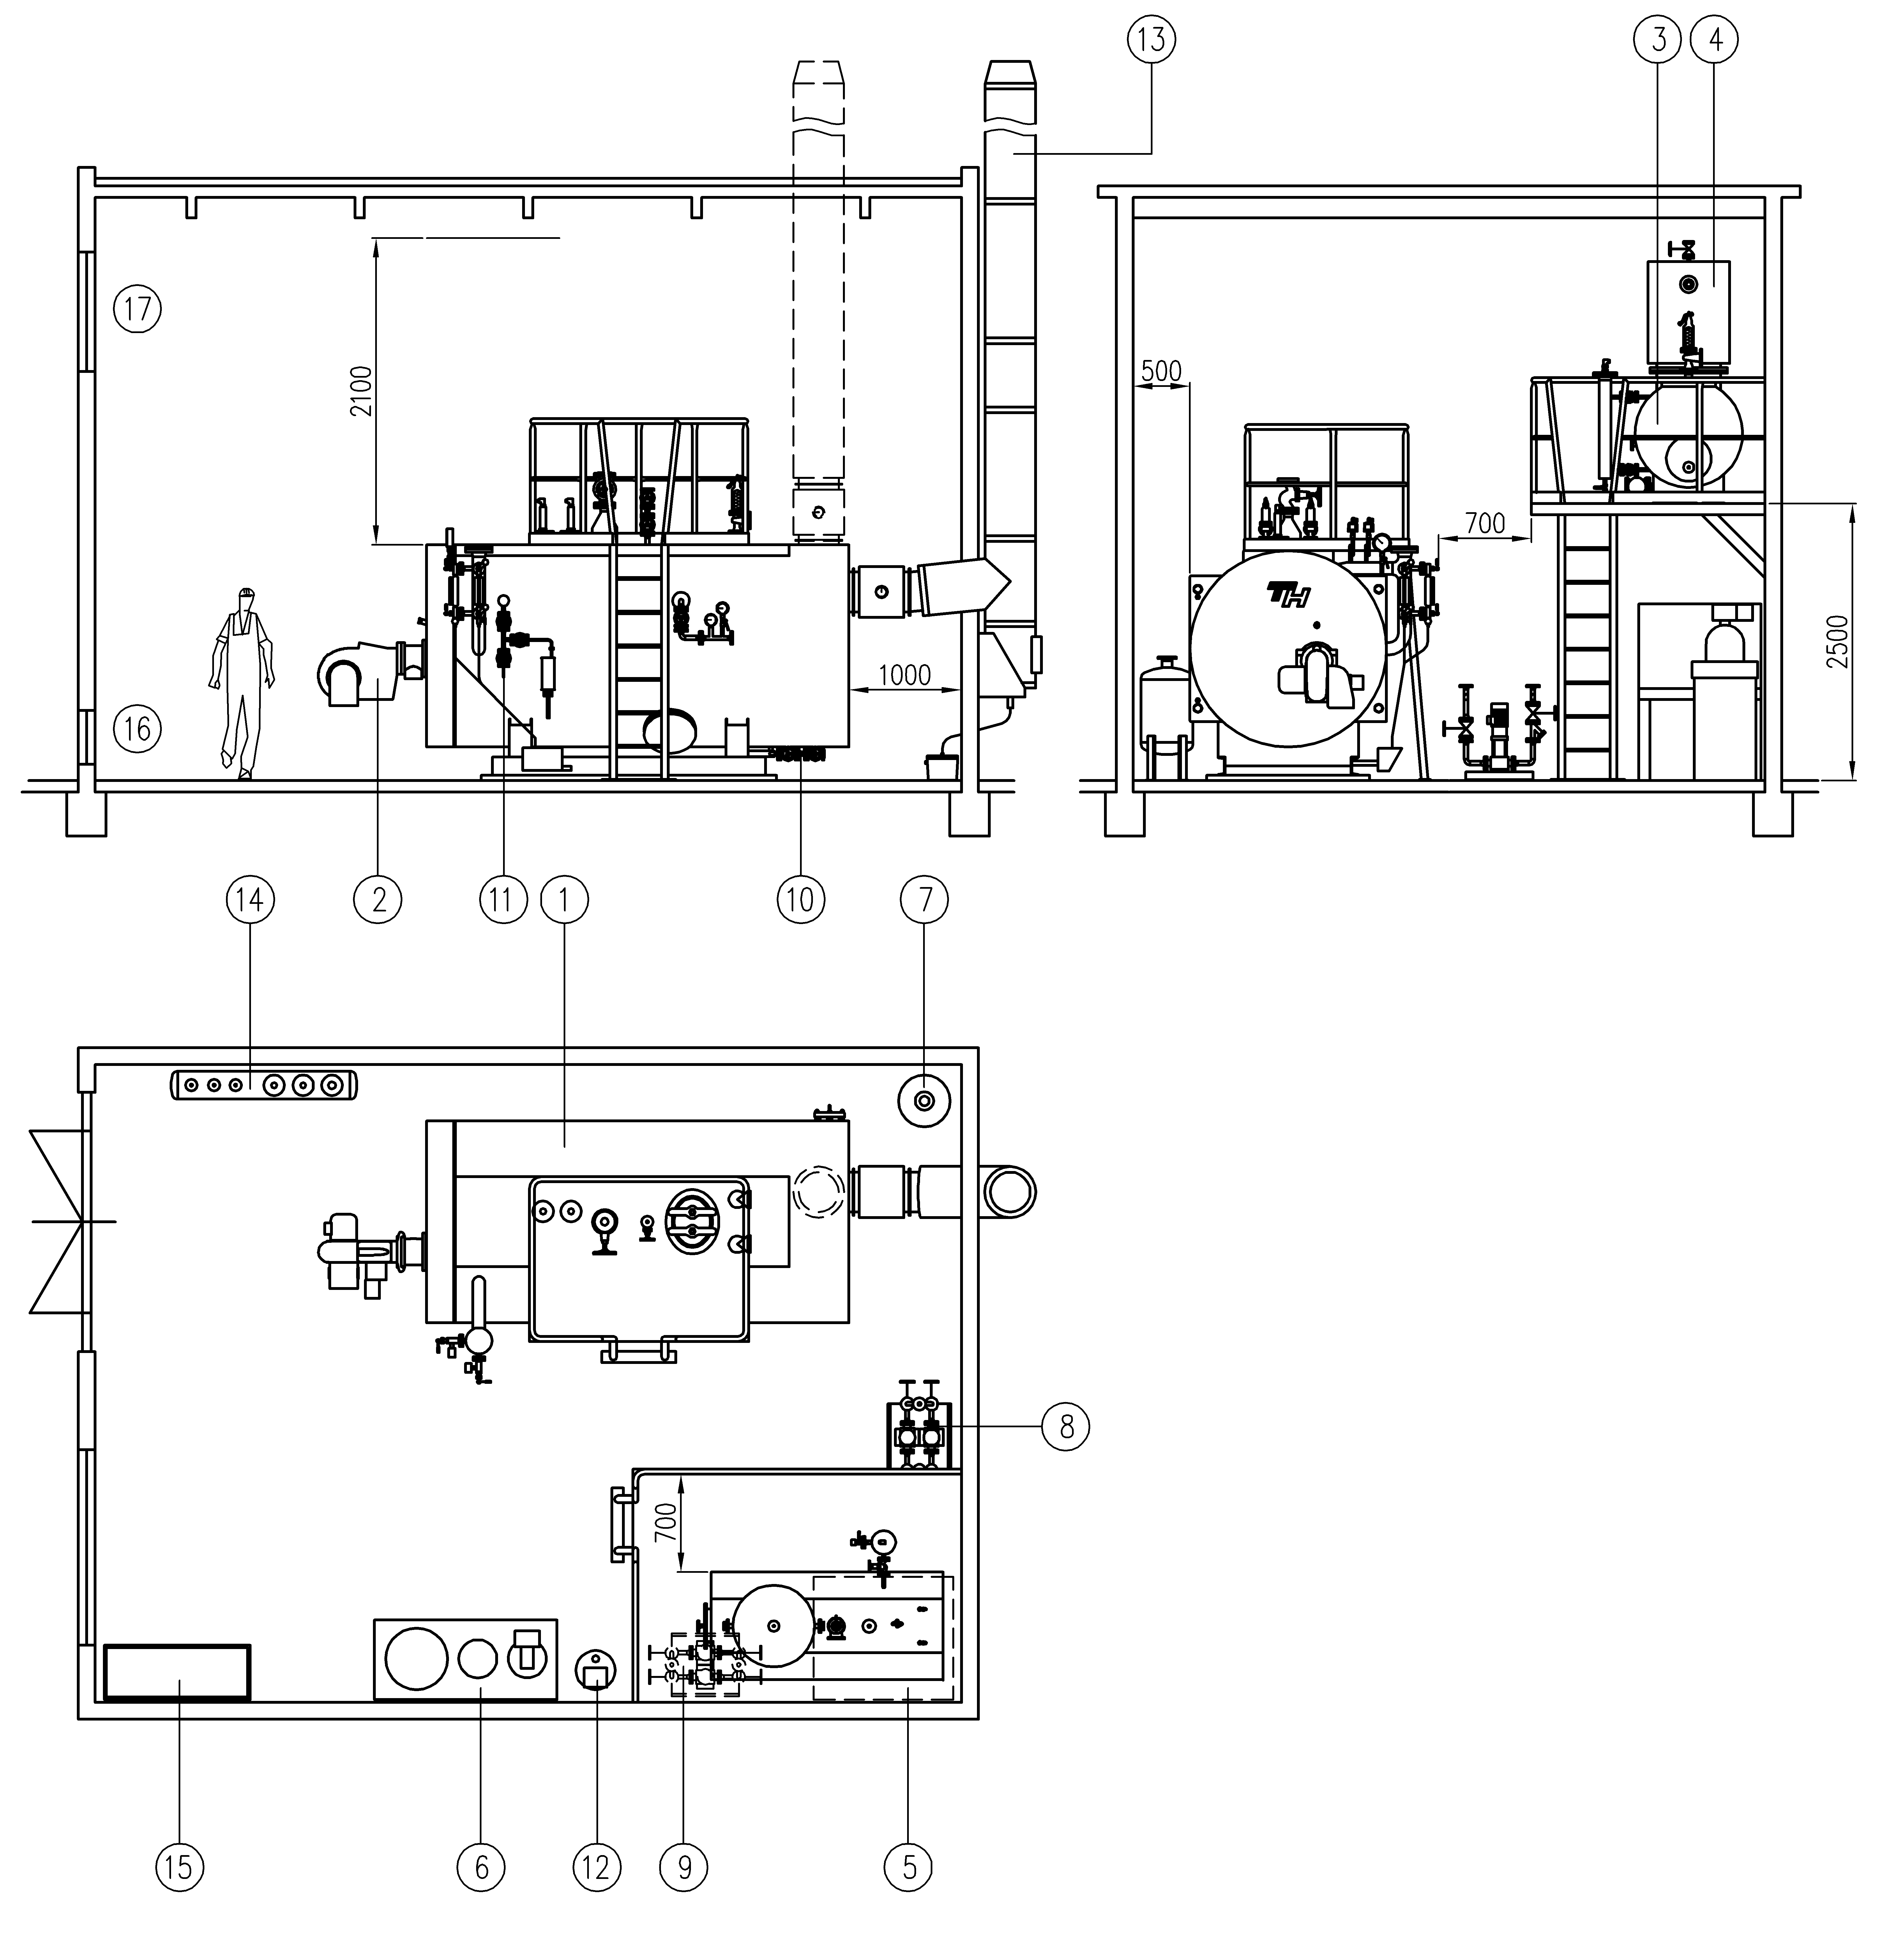 Cостав паровой котельной с паровыми котлами-утилизаторами среднего давления ТНS